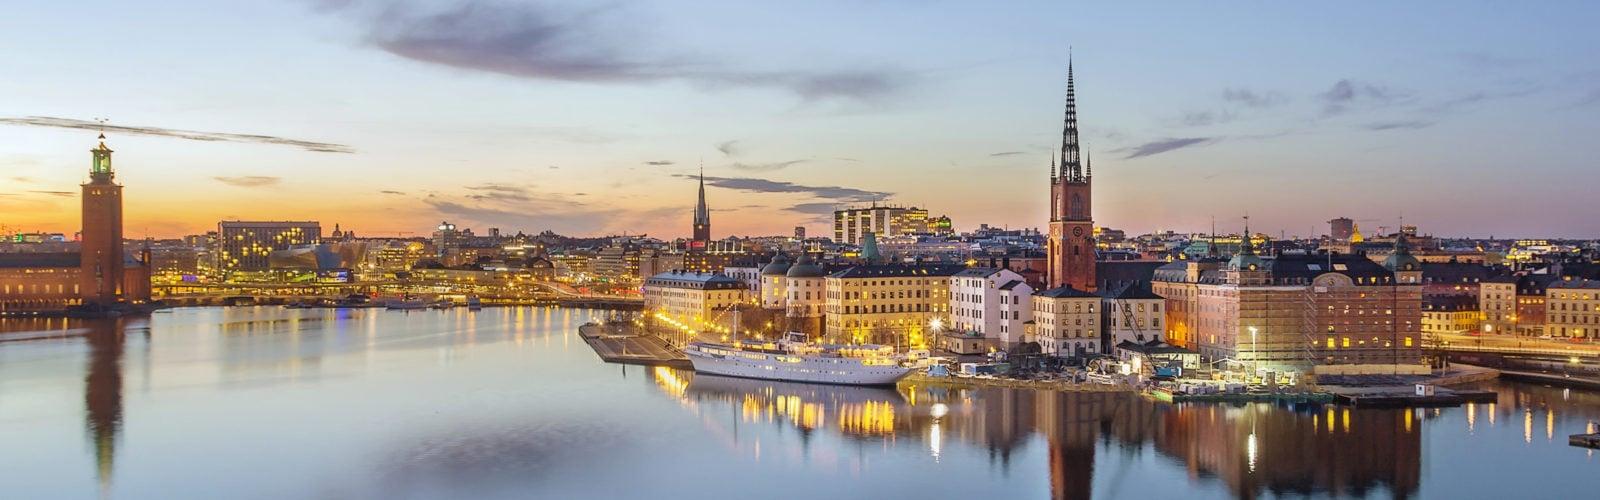 stockholm-sunset-sweden